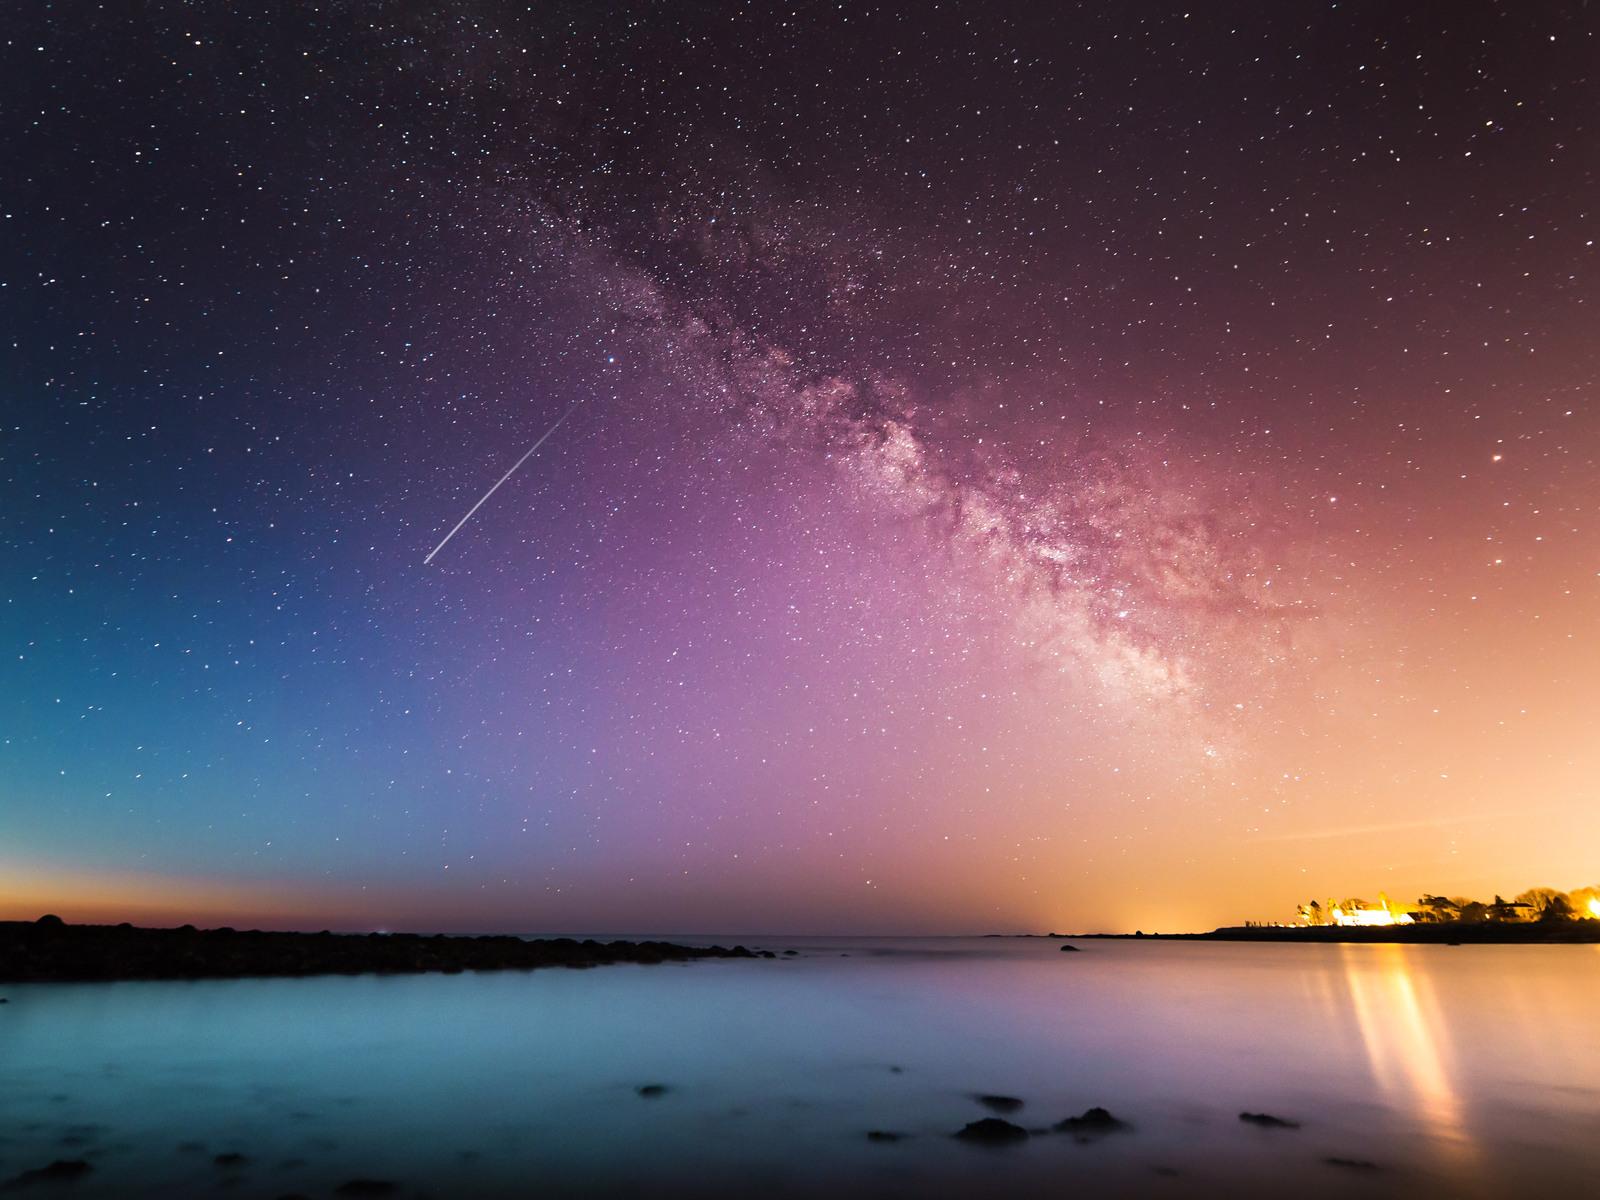 falling universe galaxy beautiful light leaks b1